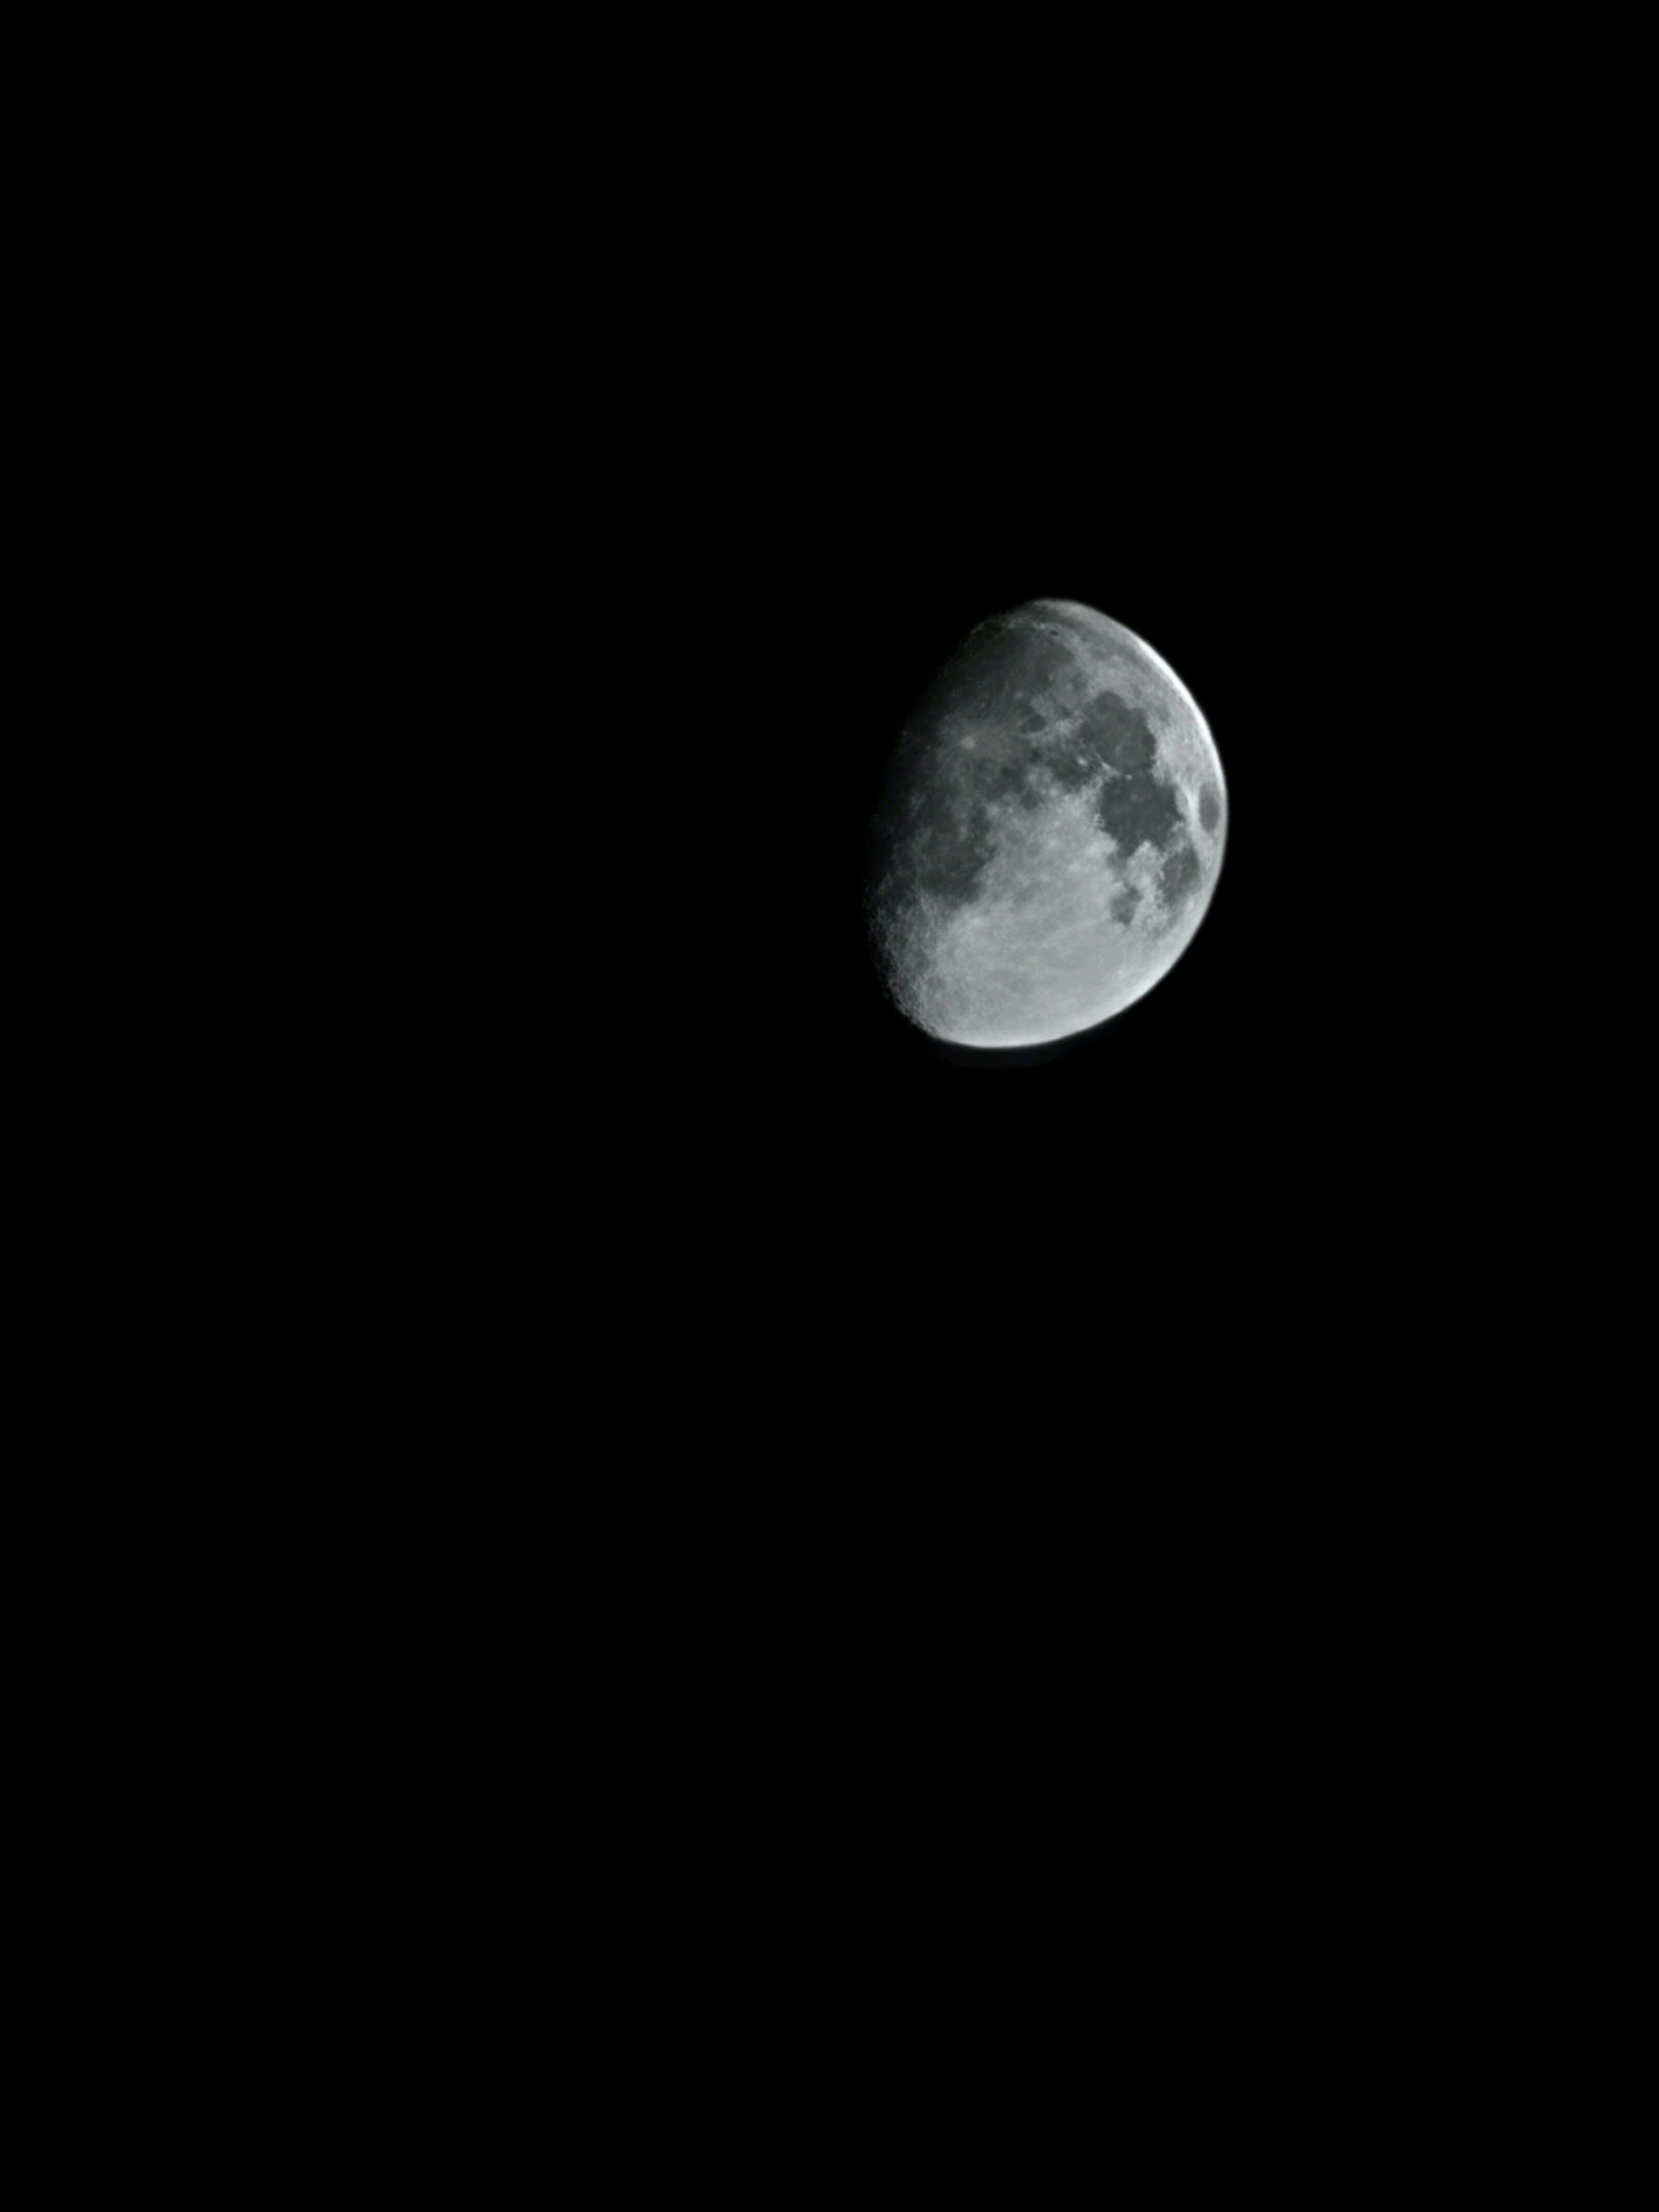 Moonlight :) - Taken by @r_sylvar